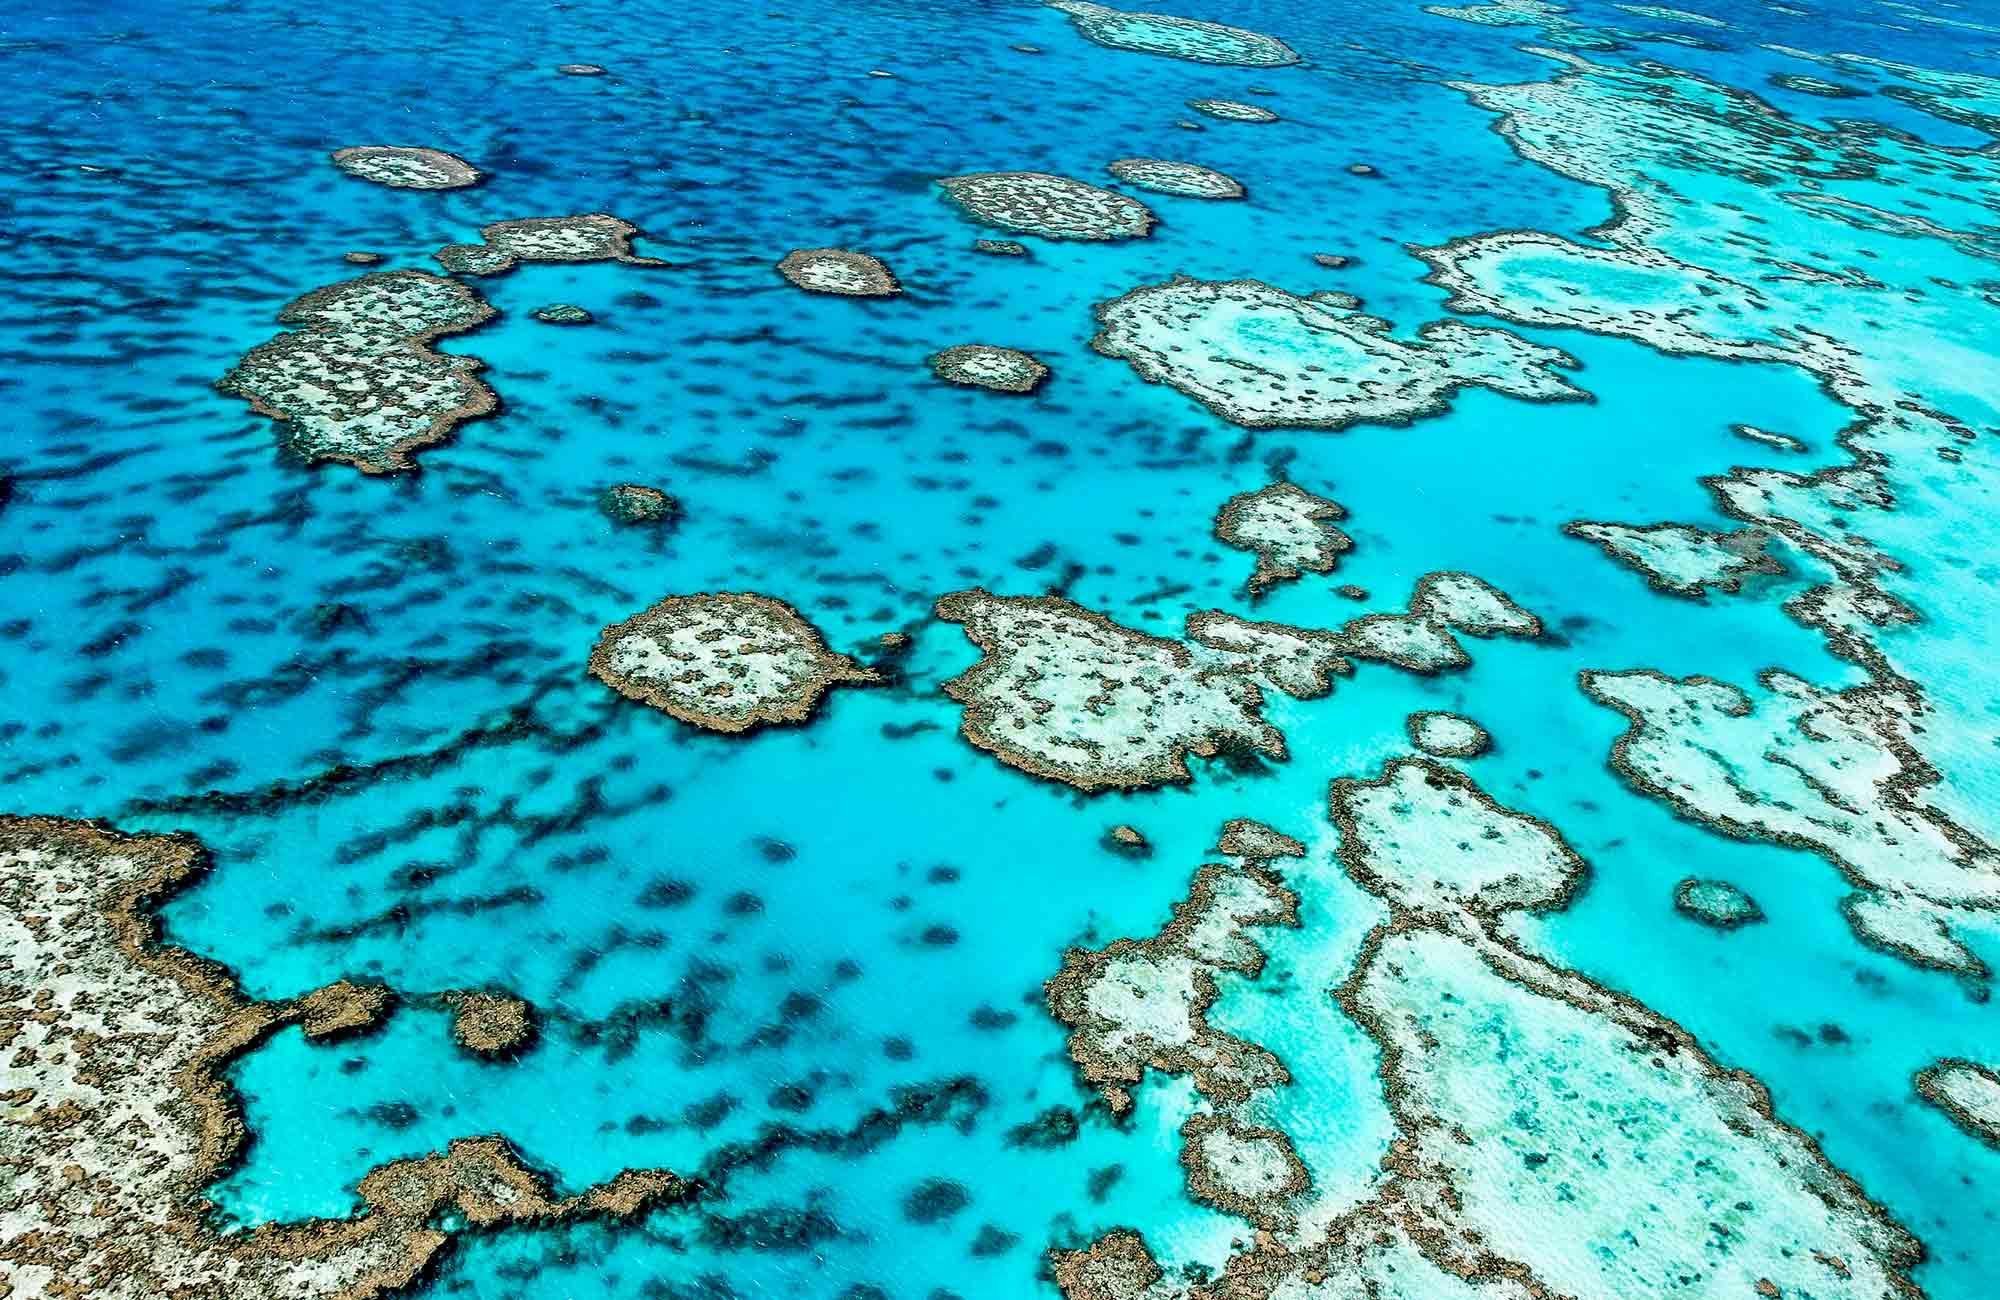 La Grande Barrière de corail, un écosystème inestimable